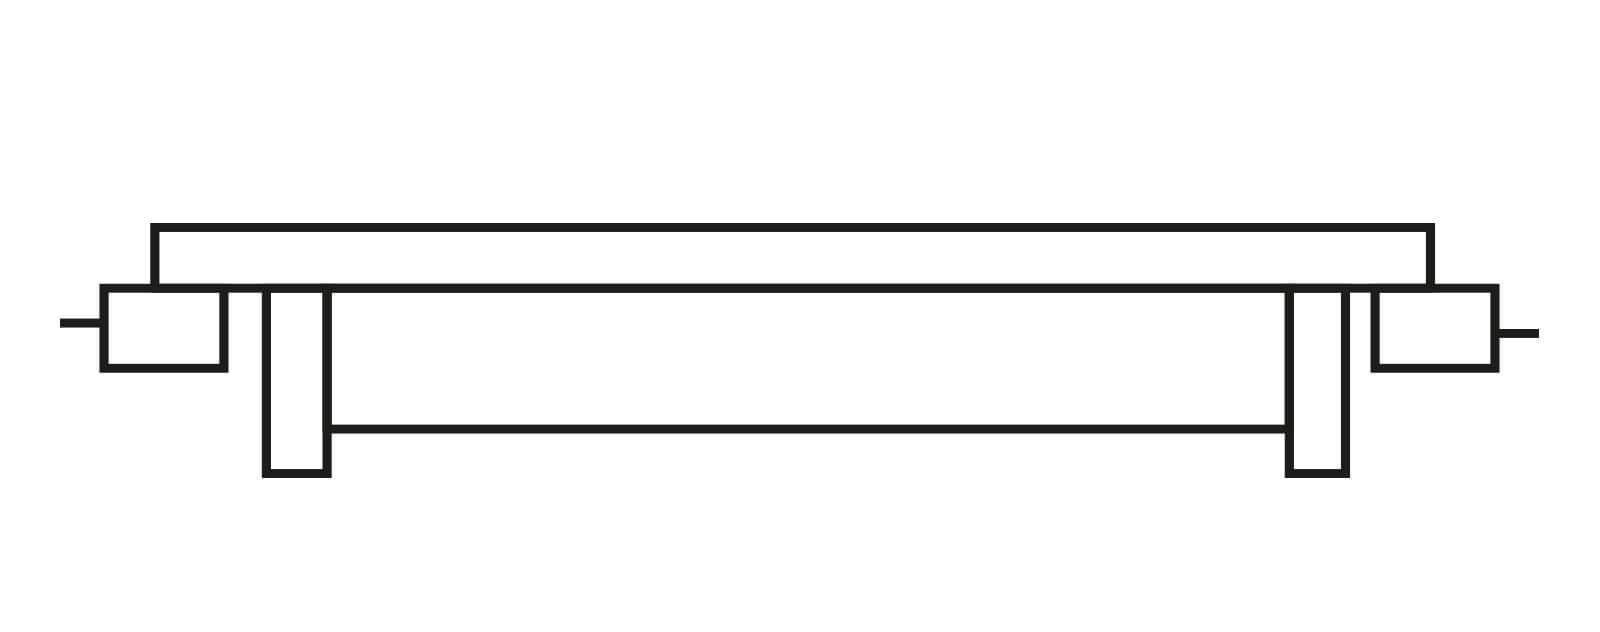 Schéma d'une bande caoutchouc raide en trame de type XE ou XST2 pour bande transporteuse